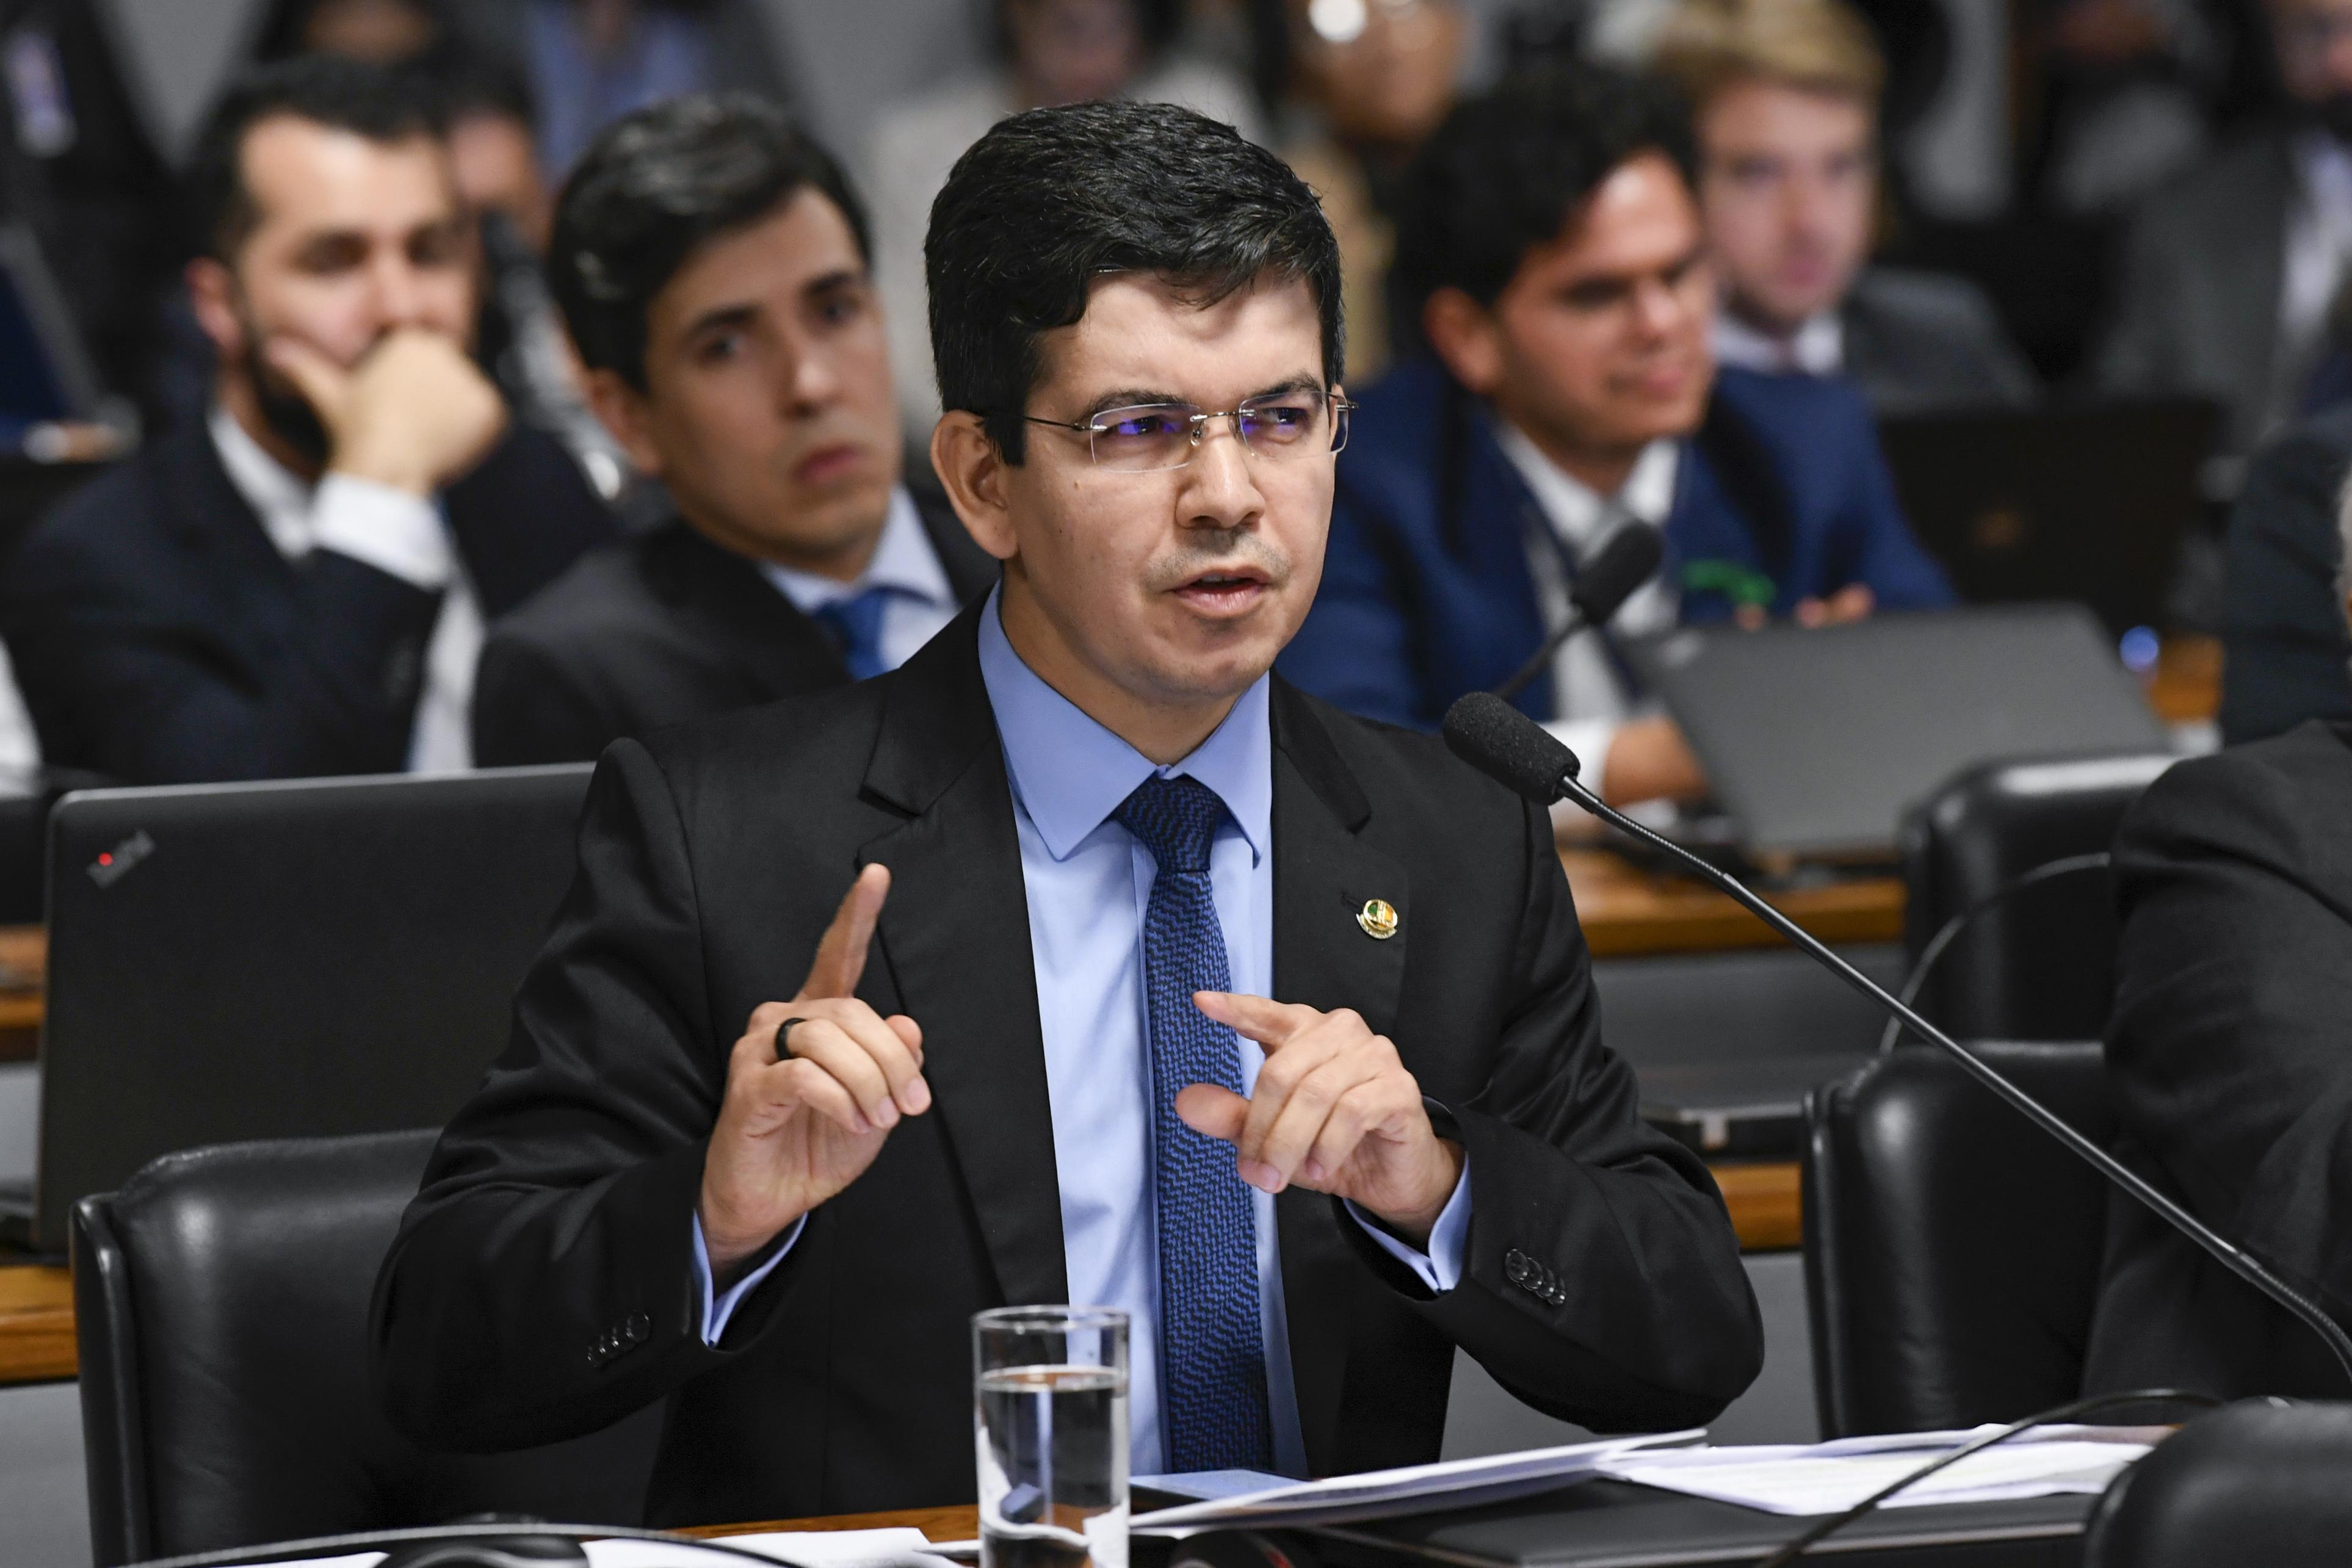 IMAGEM: Lista do Planalto para CPI é 'delação precoce', diz Randolfe